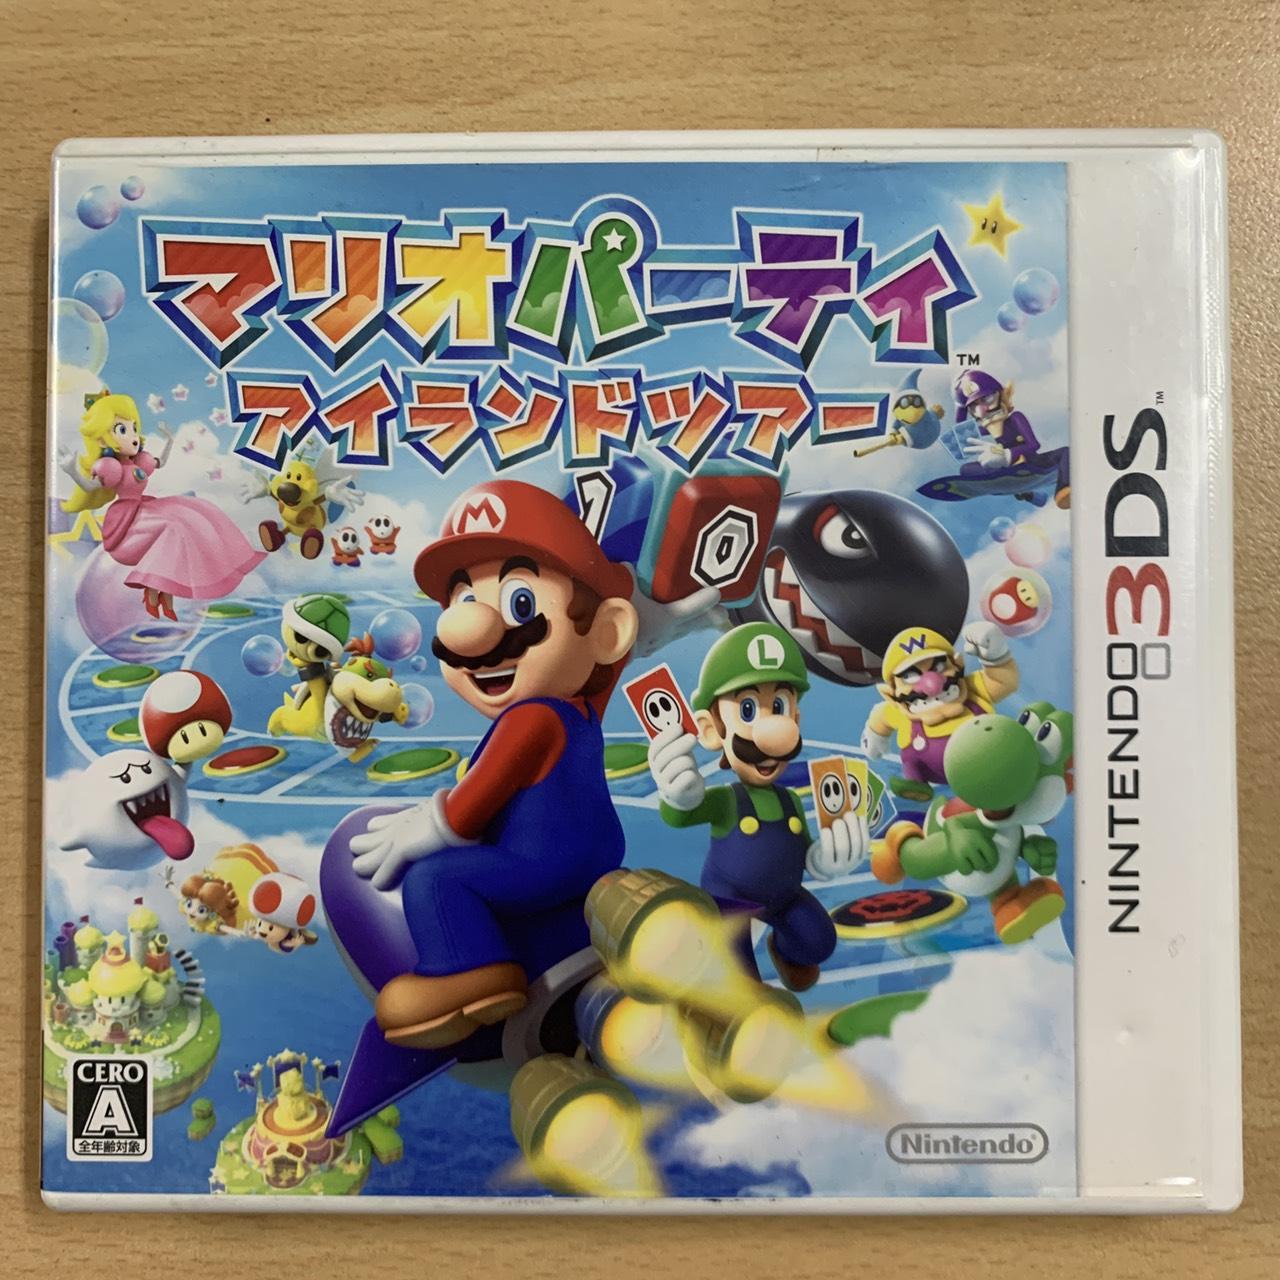 【飛力屋】現貨不必等 日版 任天堂 3DS 瑪莉歐派對 馬力歐 環島之旅 純日版